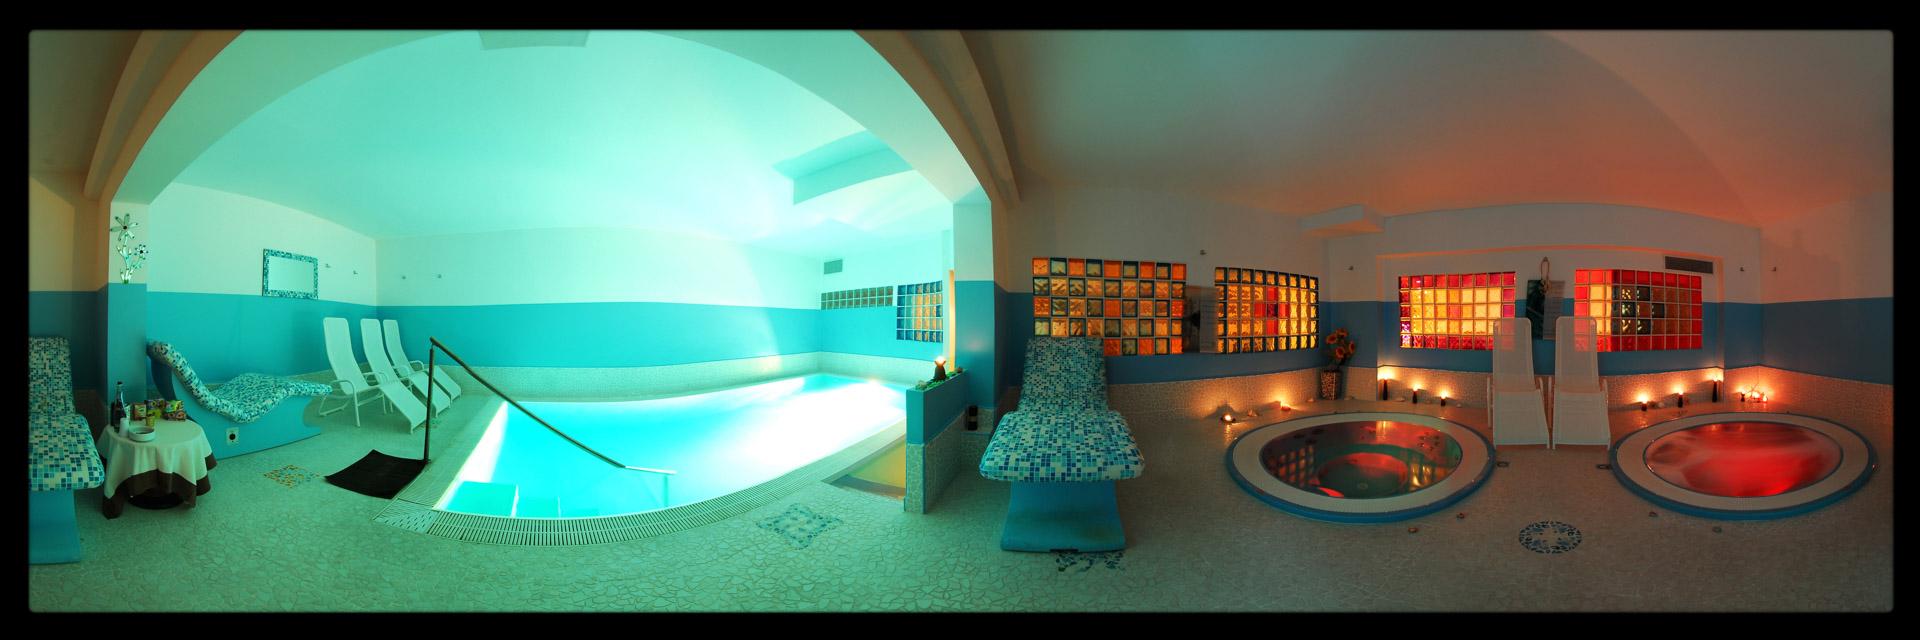 Soggiorni Benessere & Spa - Hotel Cristina - Lanciano (Abruzzo)